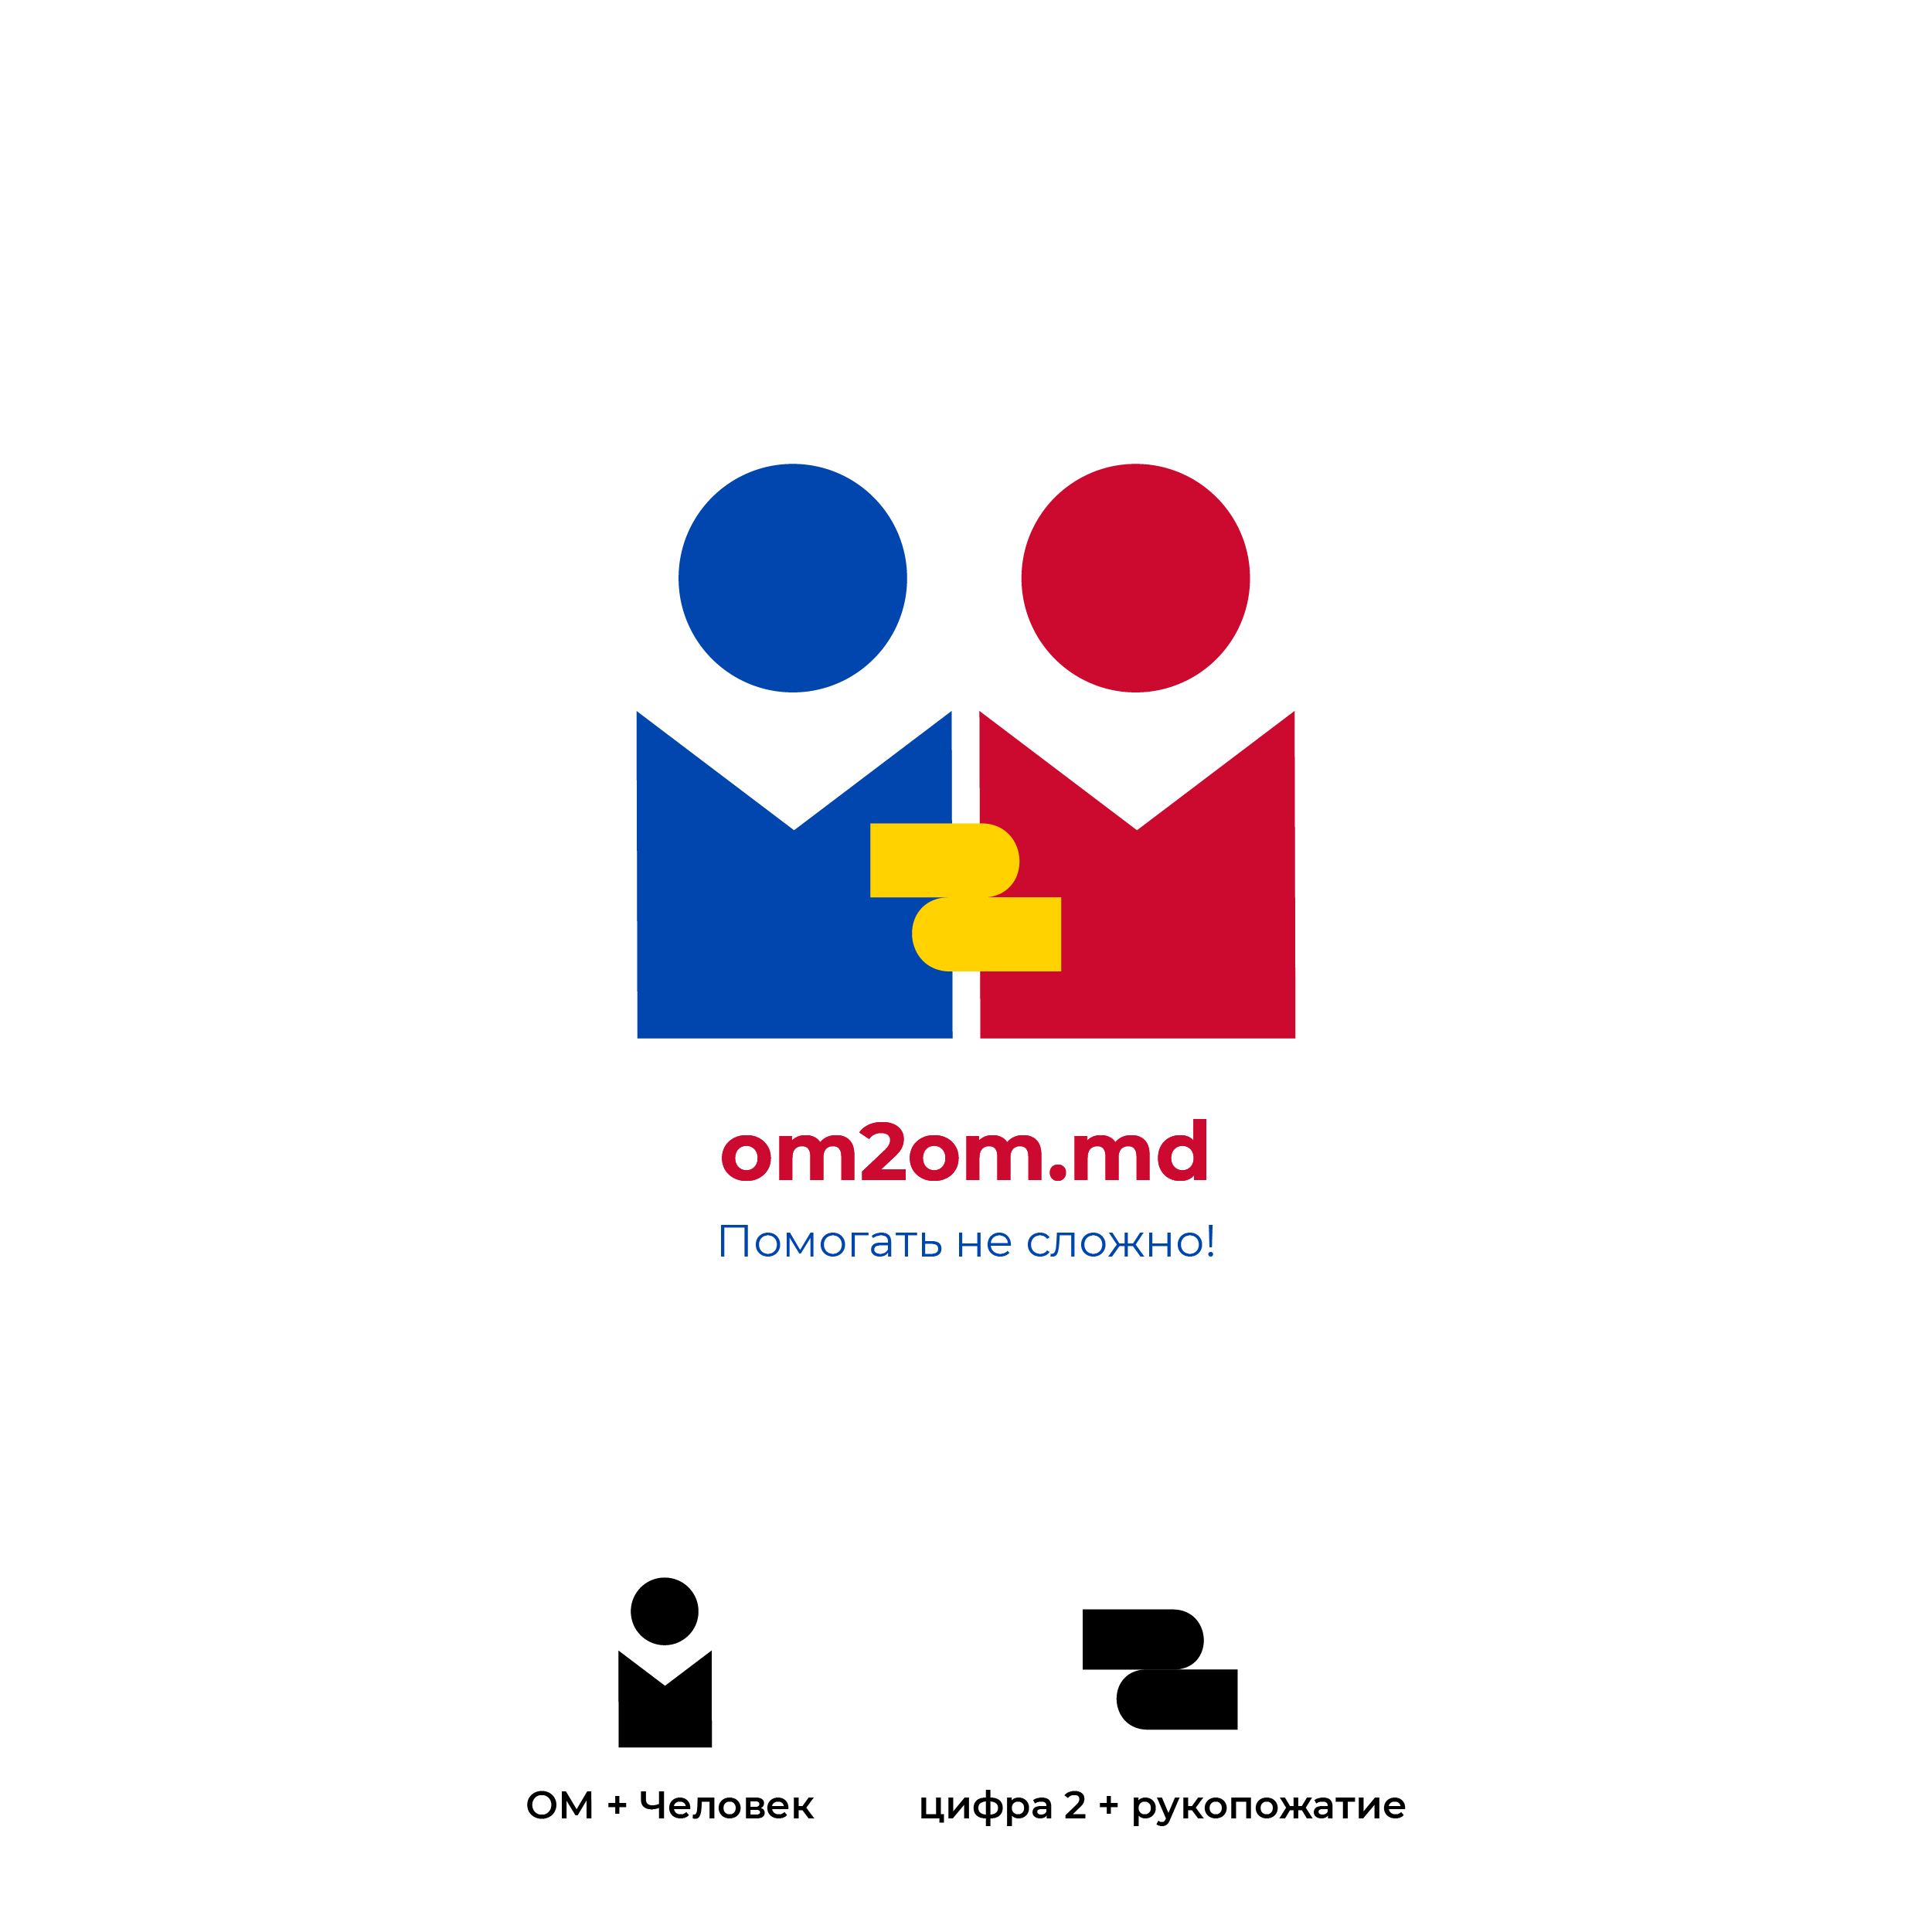 Разработка логотипа для краудфандинговой платформы om2om.md фото f_1845f5cef02de989.jpg